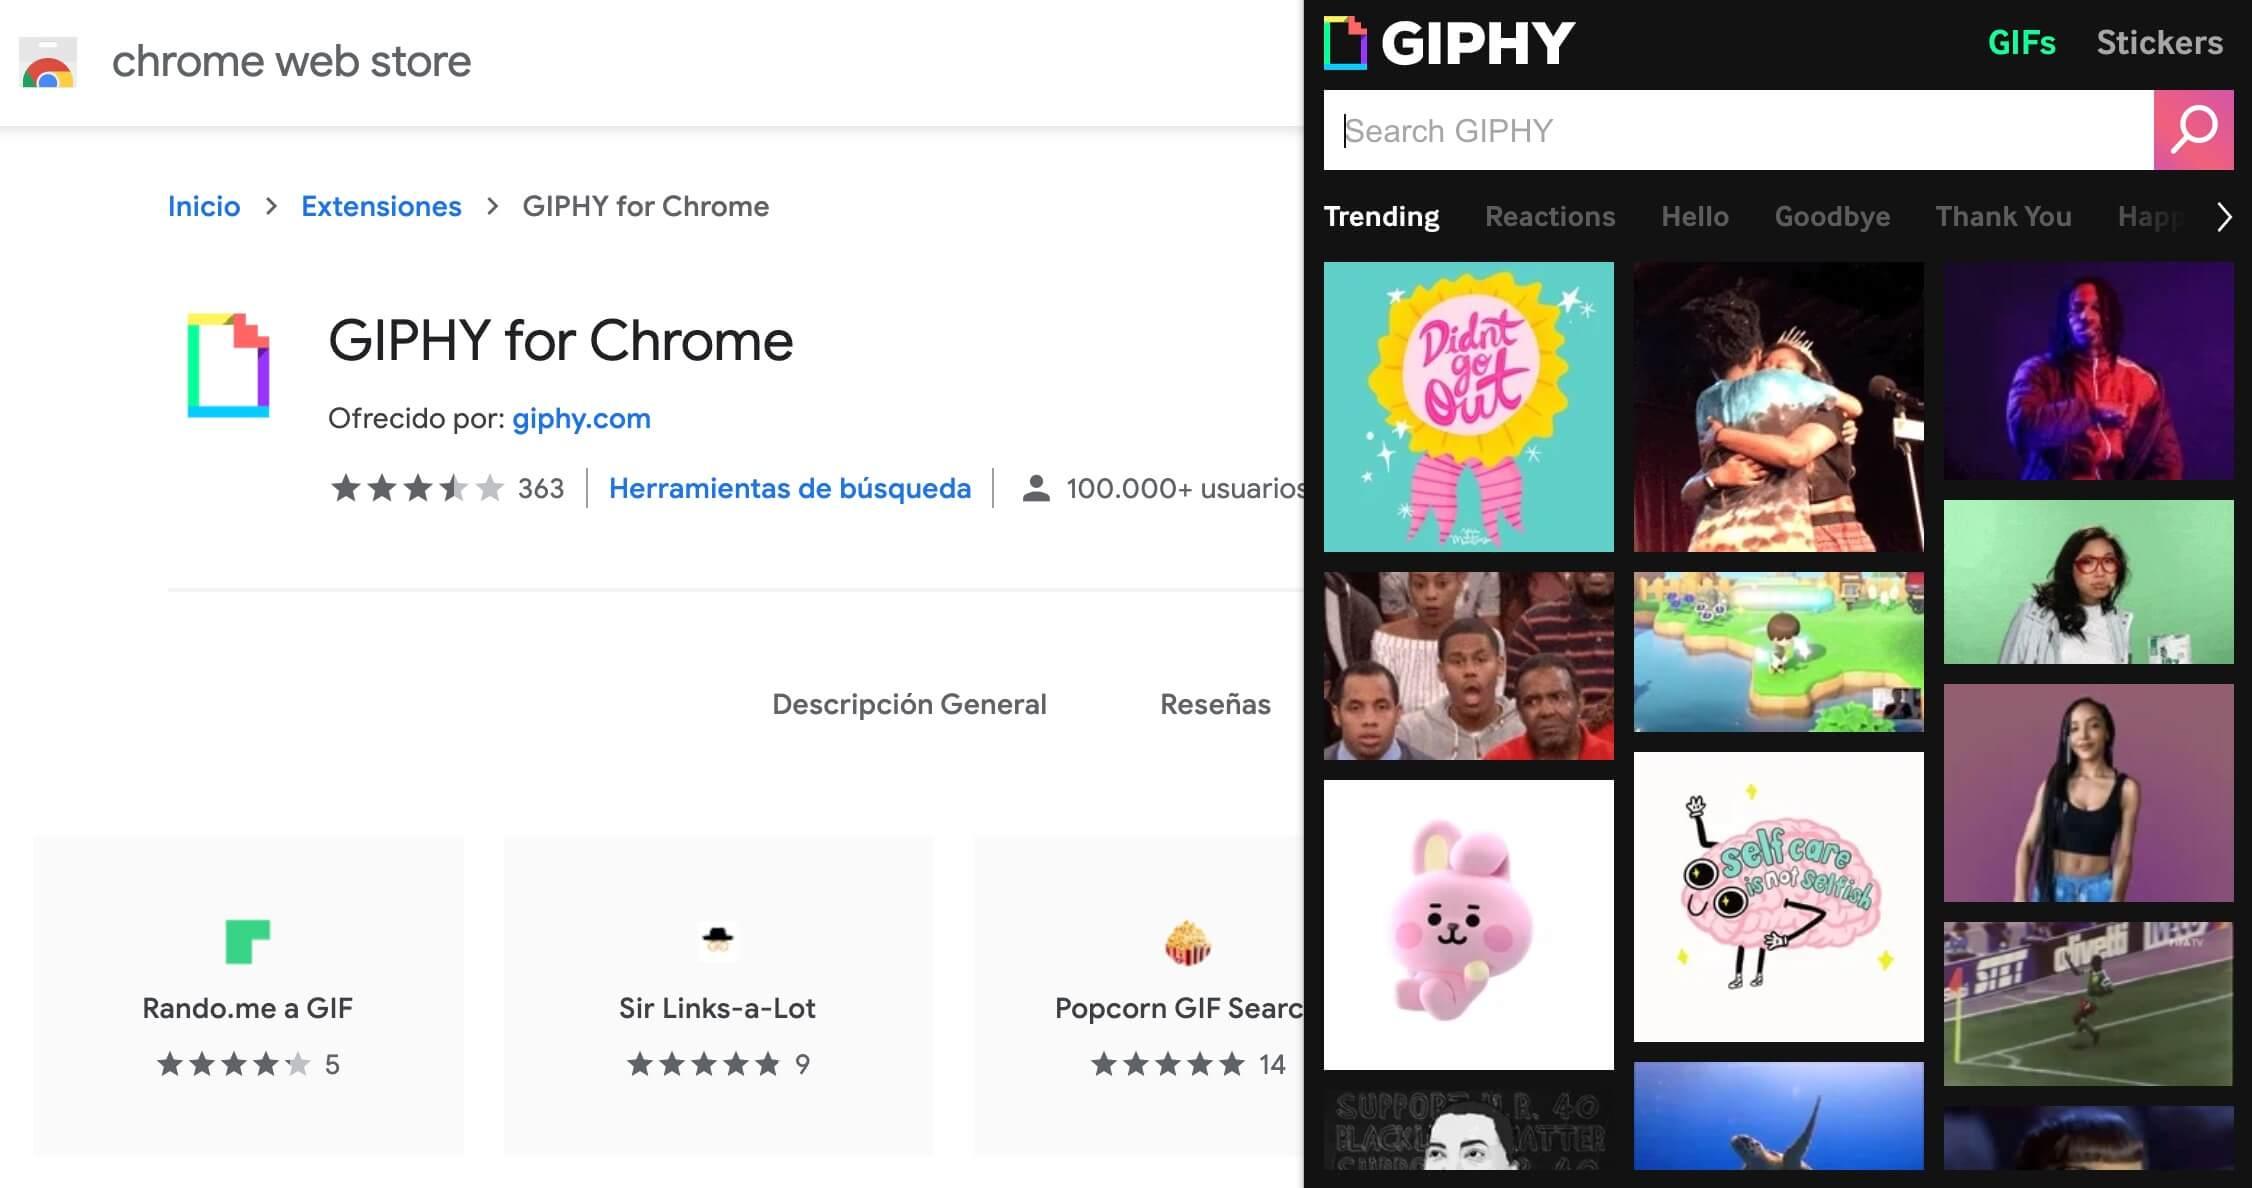 Extensión GIPHY for Chrome para gestionar contenidos